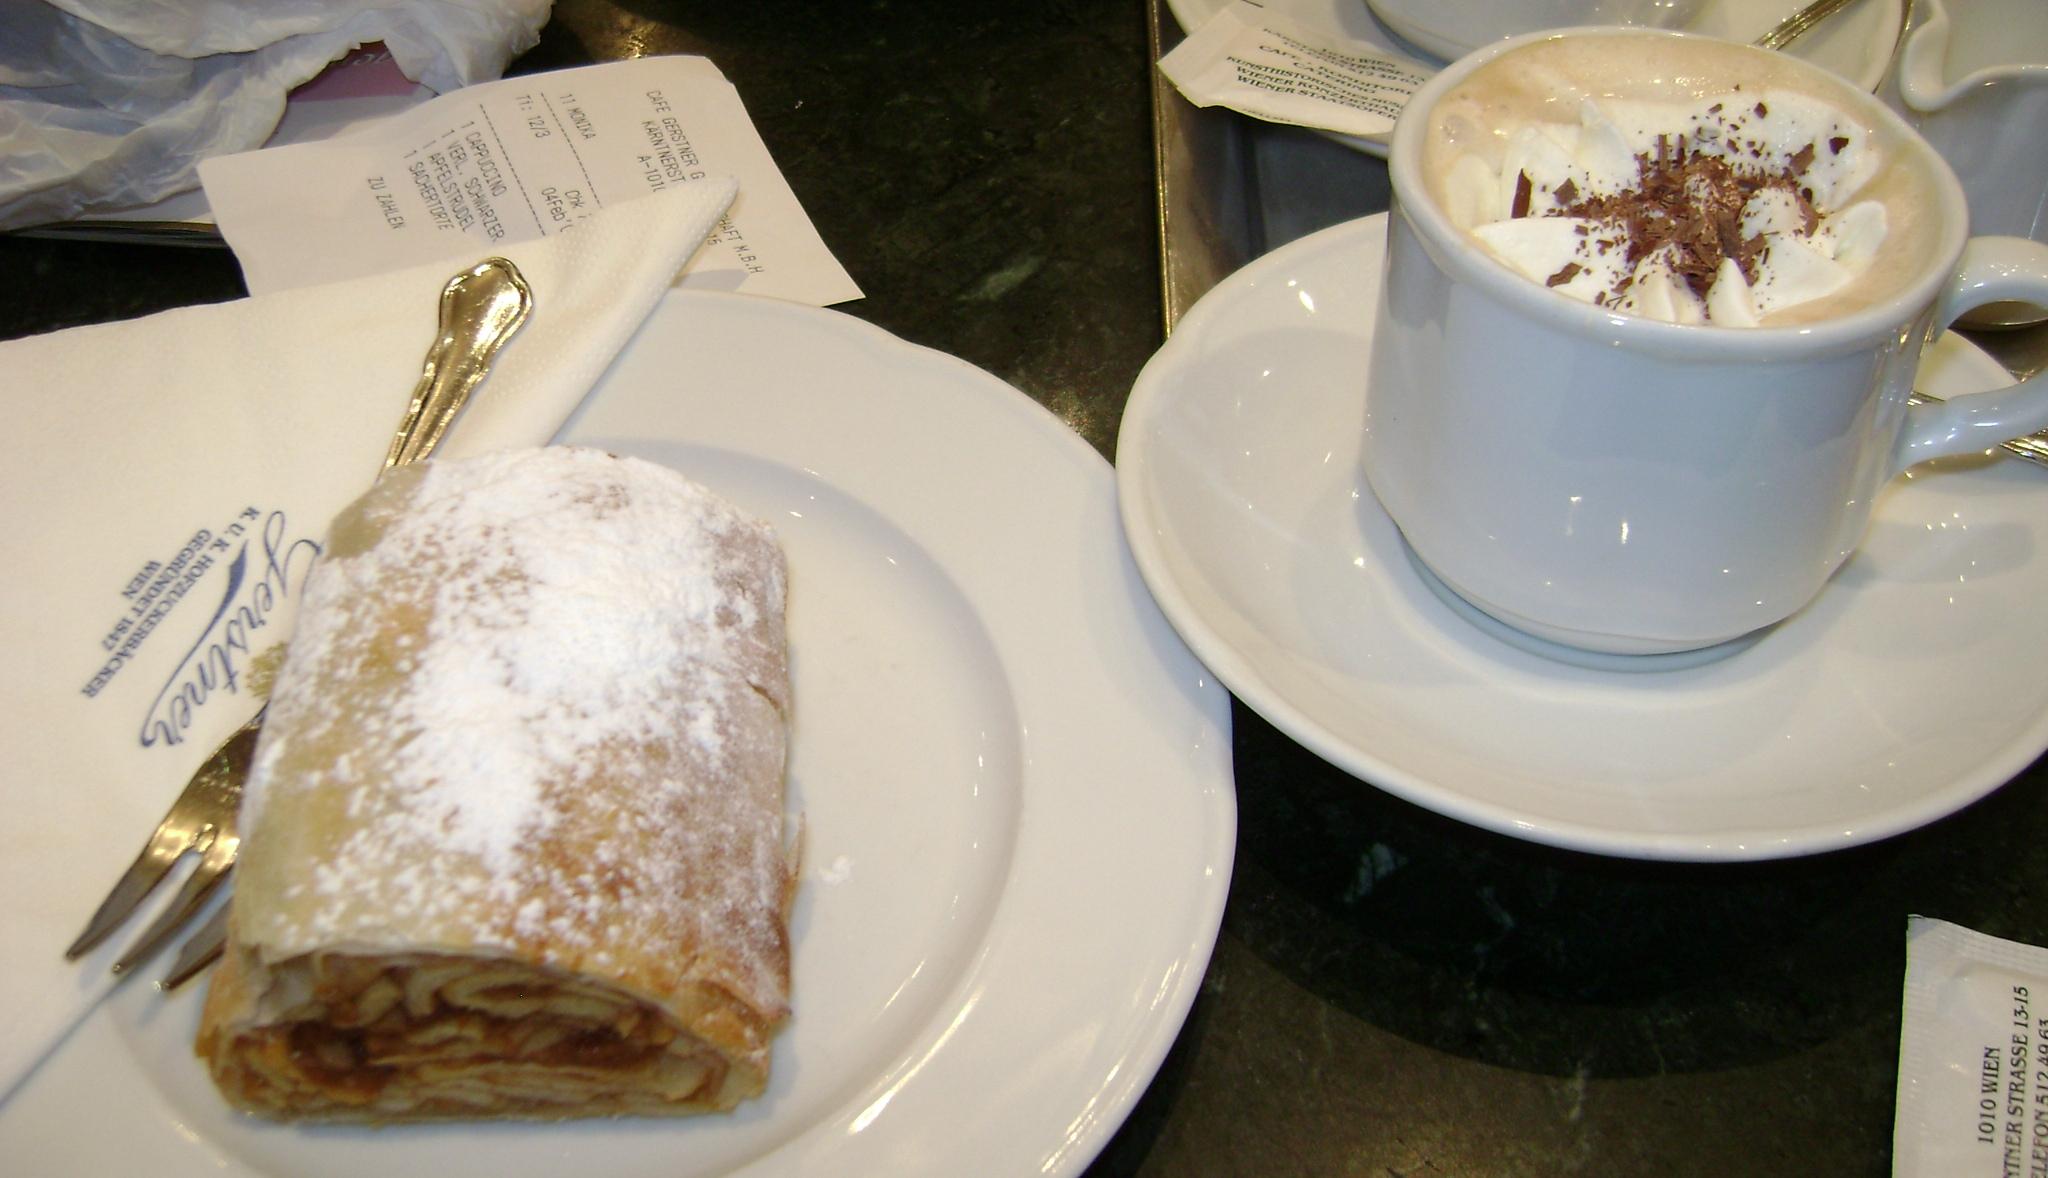 Ausgezeichnet apfelstrudel und cappuccino wien sterreich for Austrian cuisine vienna